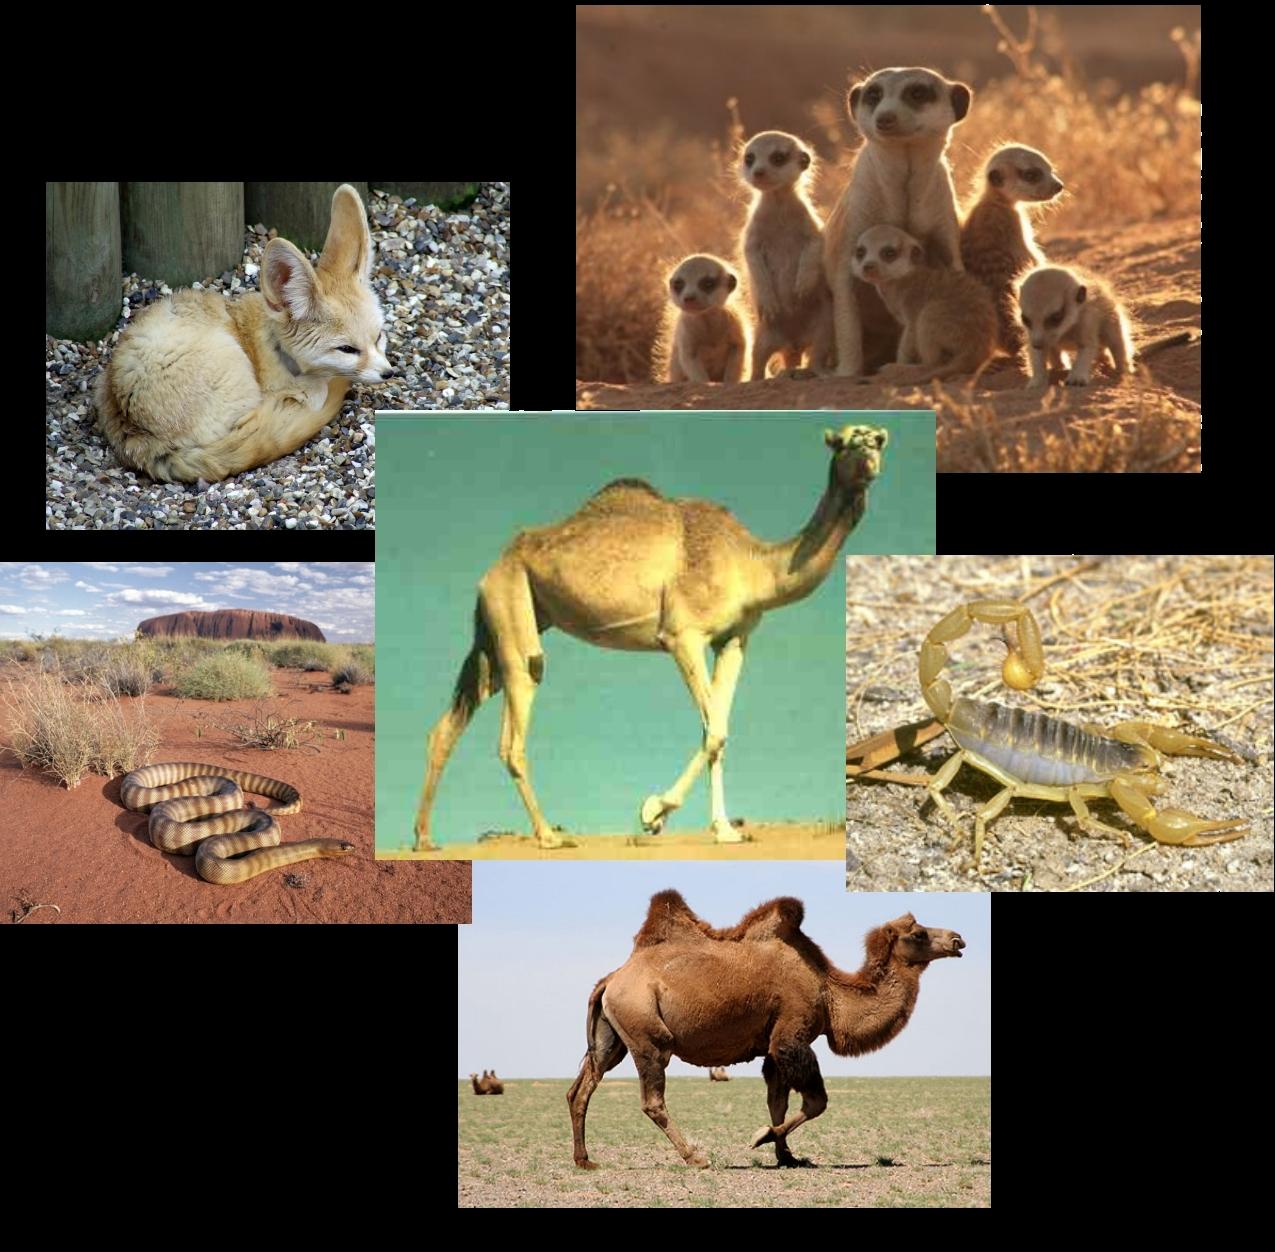 imagenes de animales que viven en el desierto - Animales del desierto Dibujos para colorear